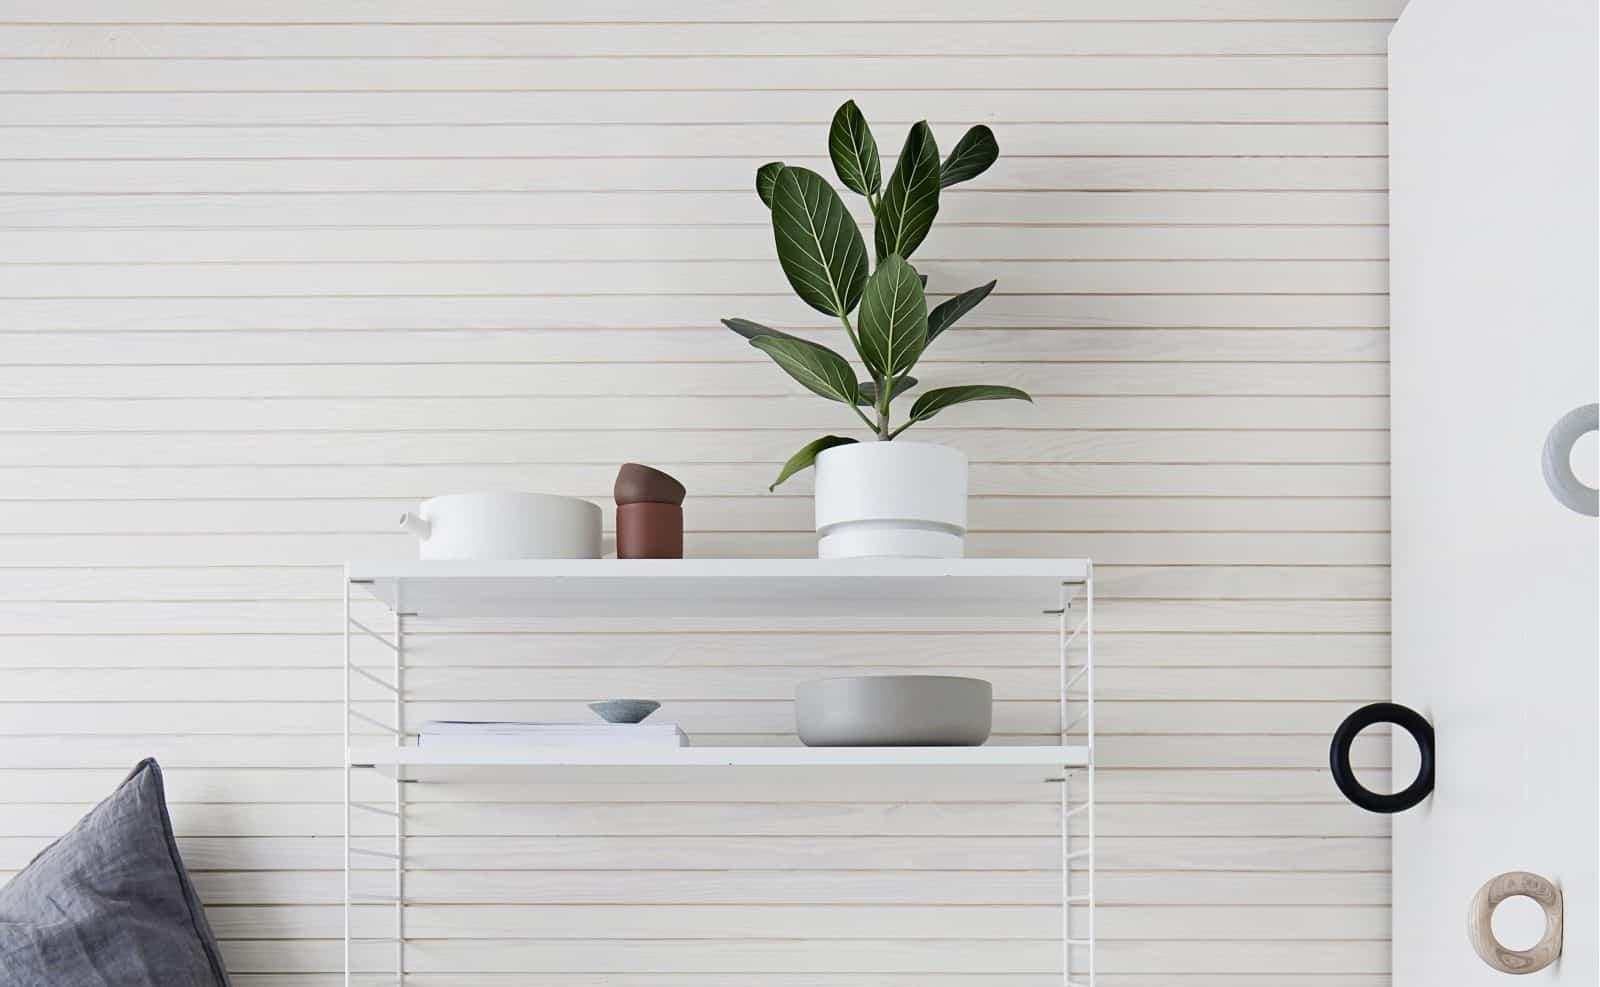 Siparila KOOdesign-sisustuspaneeli,valkoinen